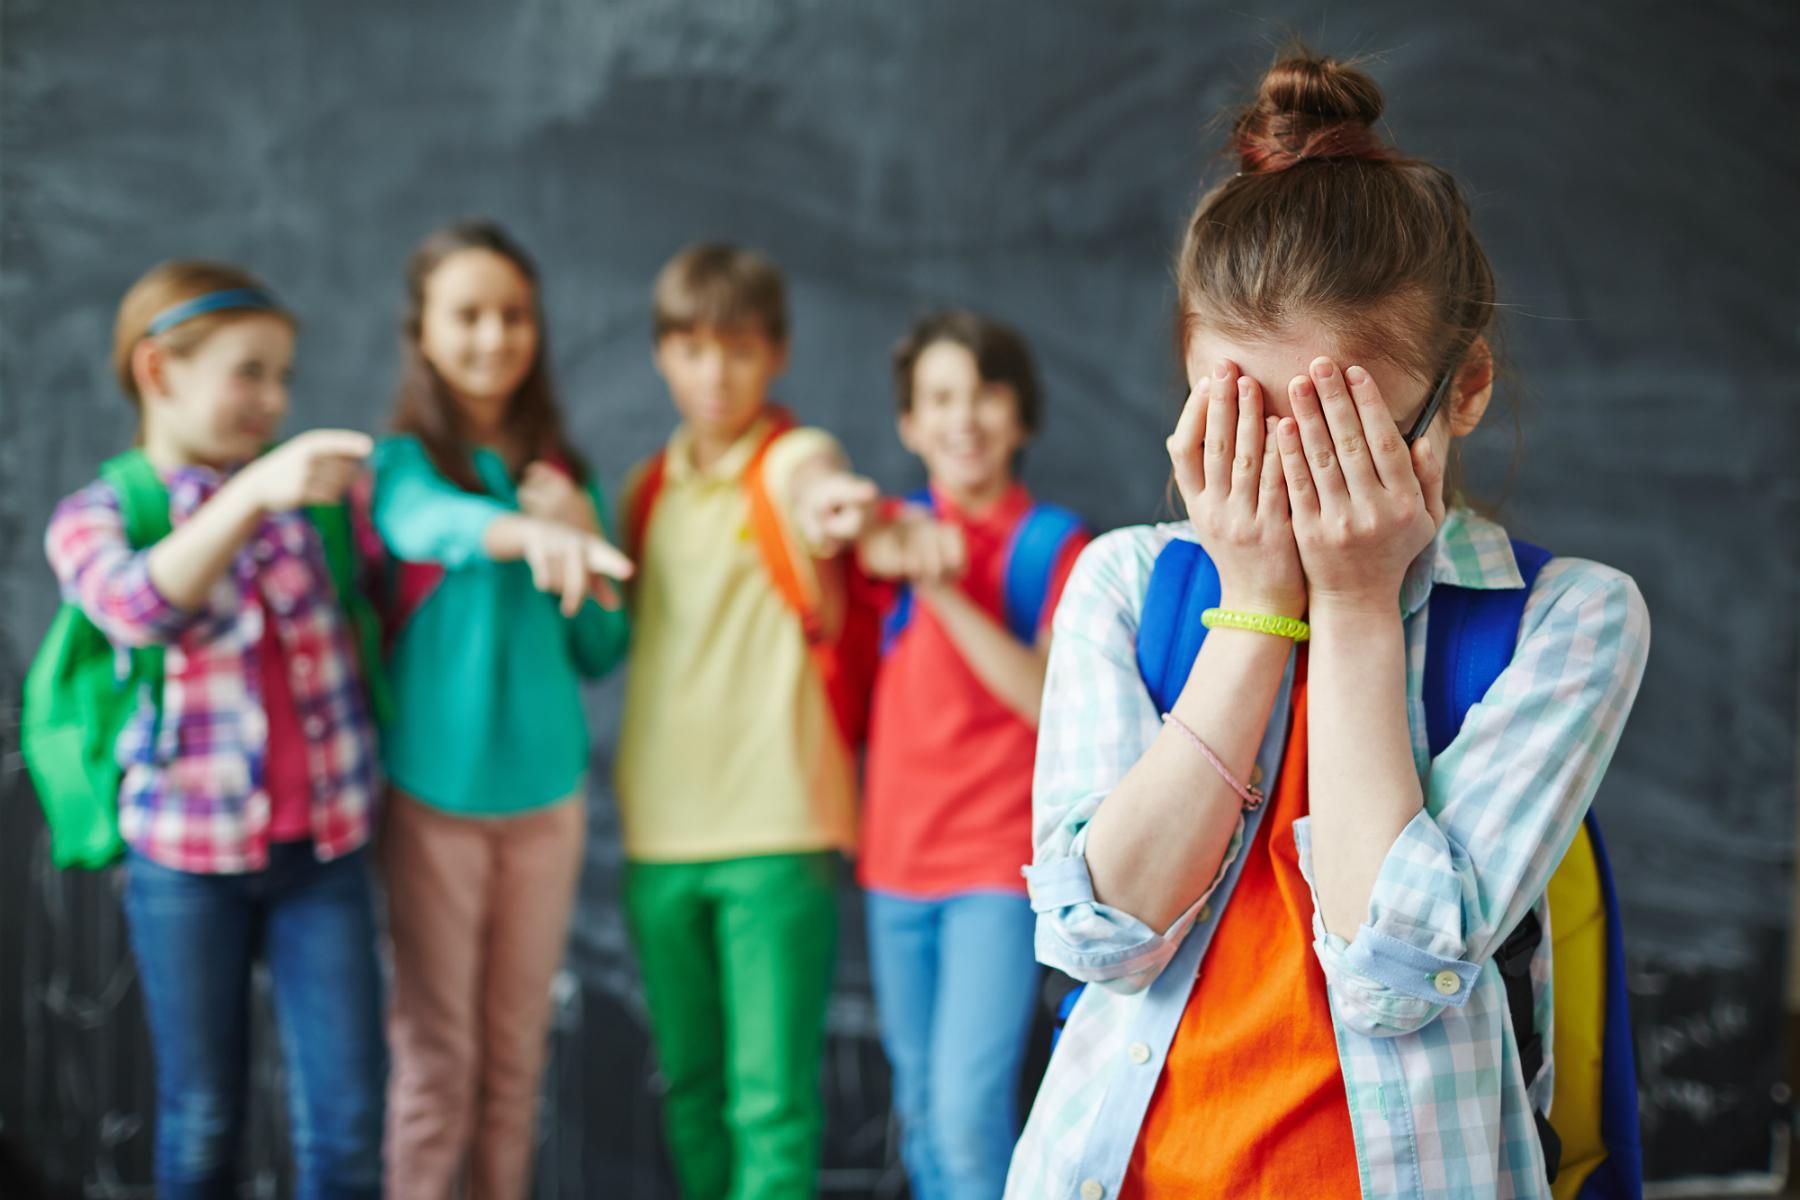 Psychoterapeutka: Skala przemocy rówieśniczej jest ogromna. Myślę, że nie ma tak naprawdę dziecka, które nie doznałoby jakiejś jej formy (fot: Shutterstock.com)